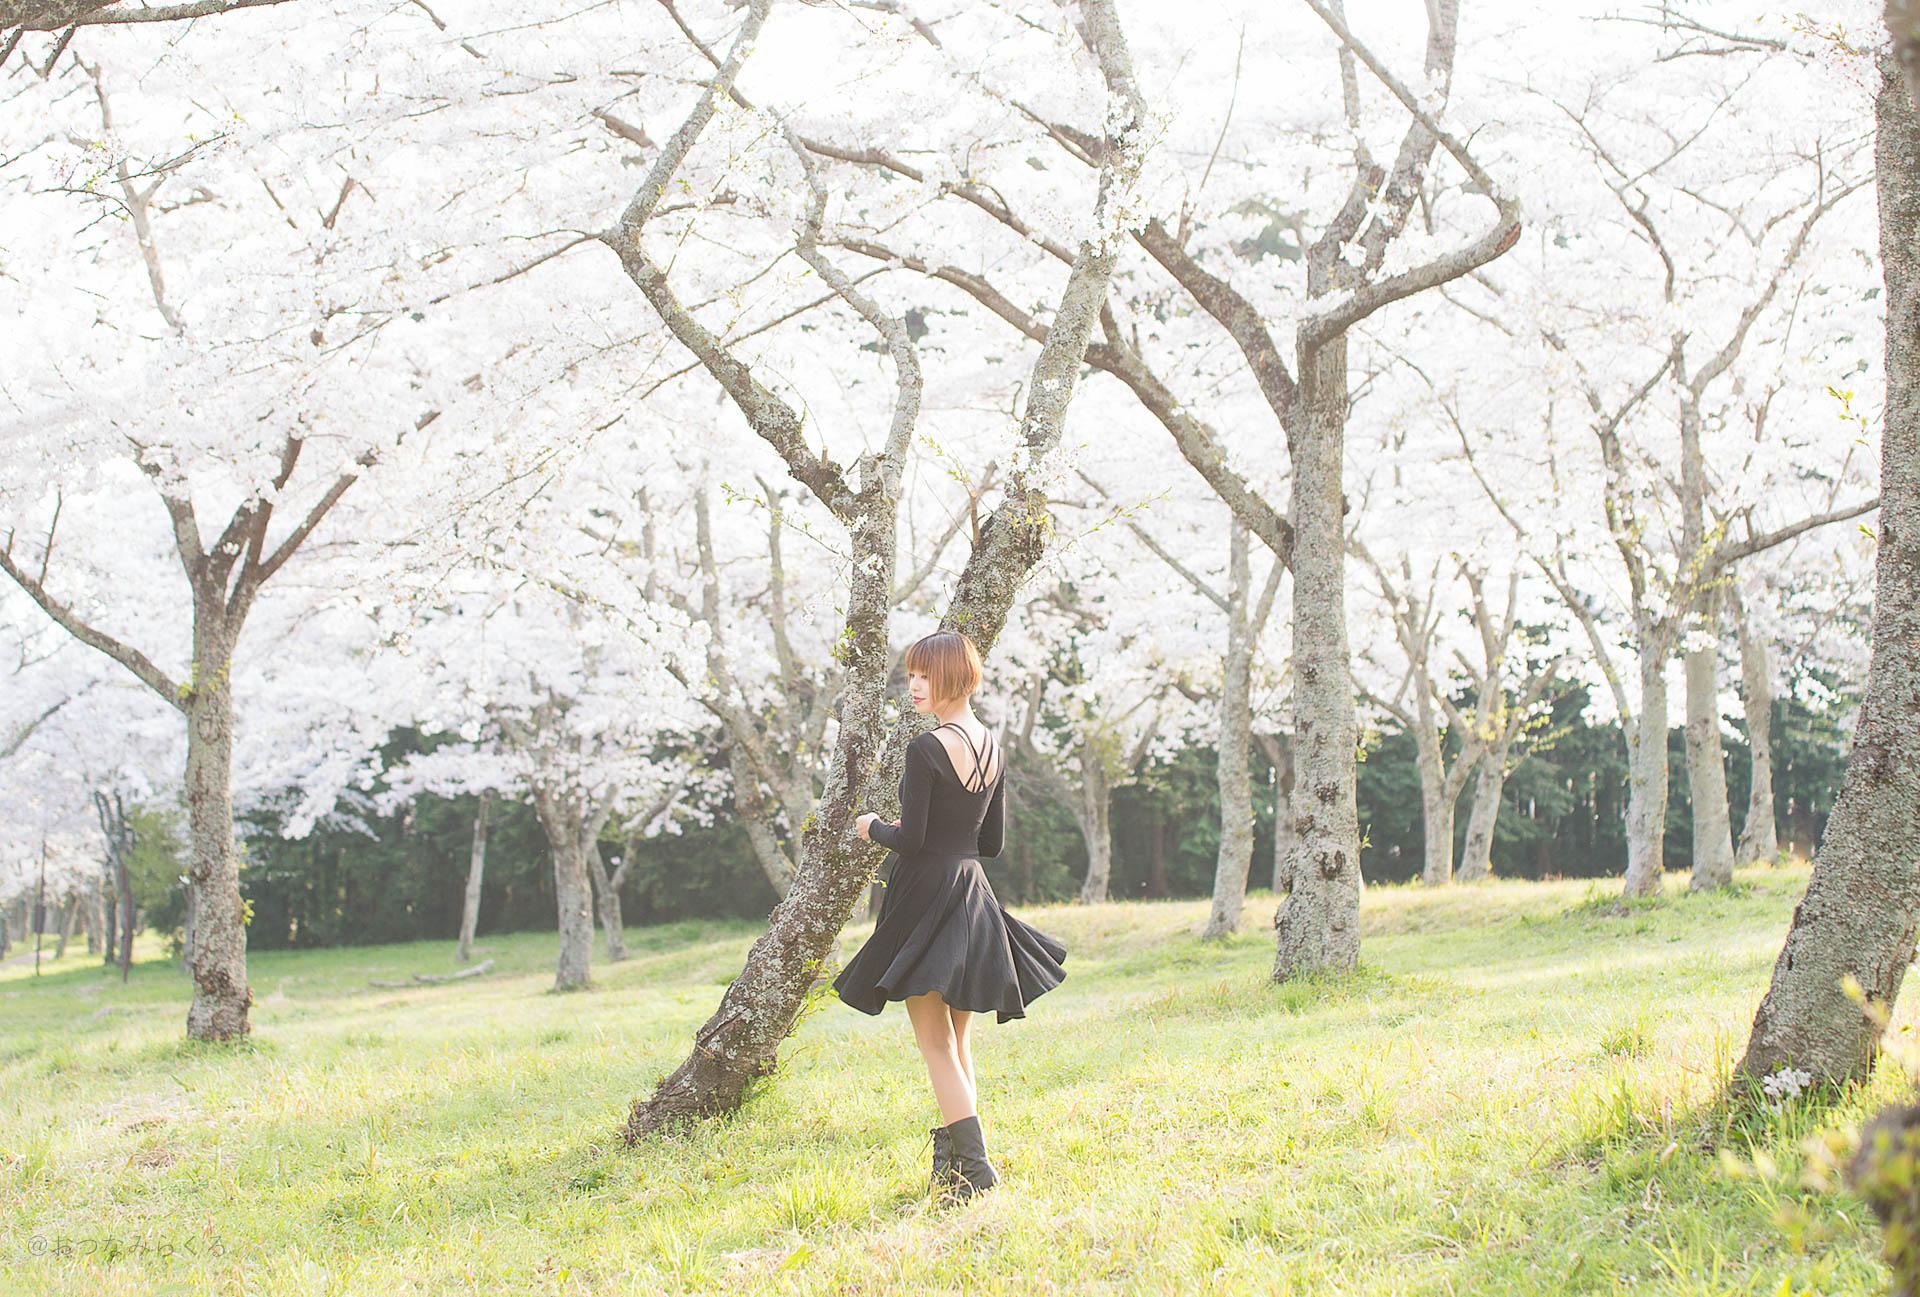 【うずら春の桜まつり】今年で2度目となる桜撮影。どんな写真が撮れるかな♪